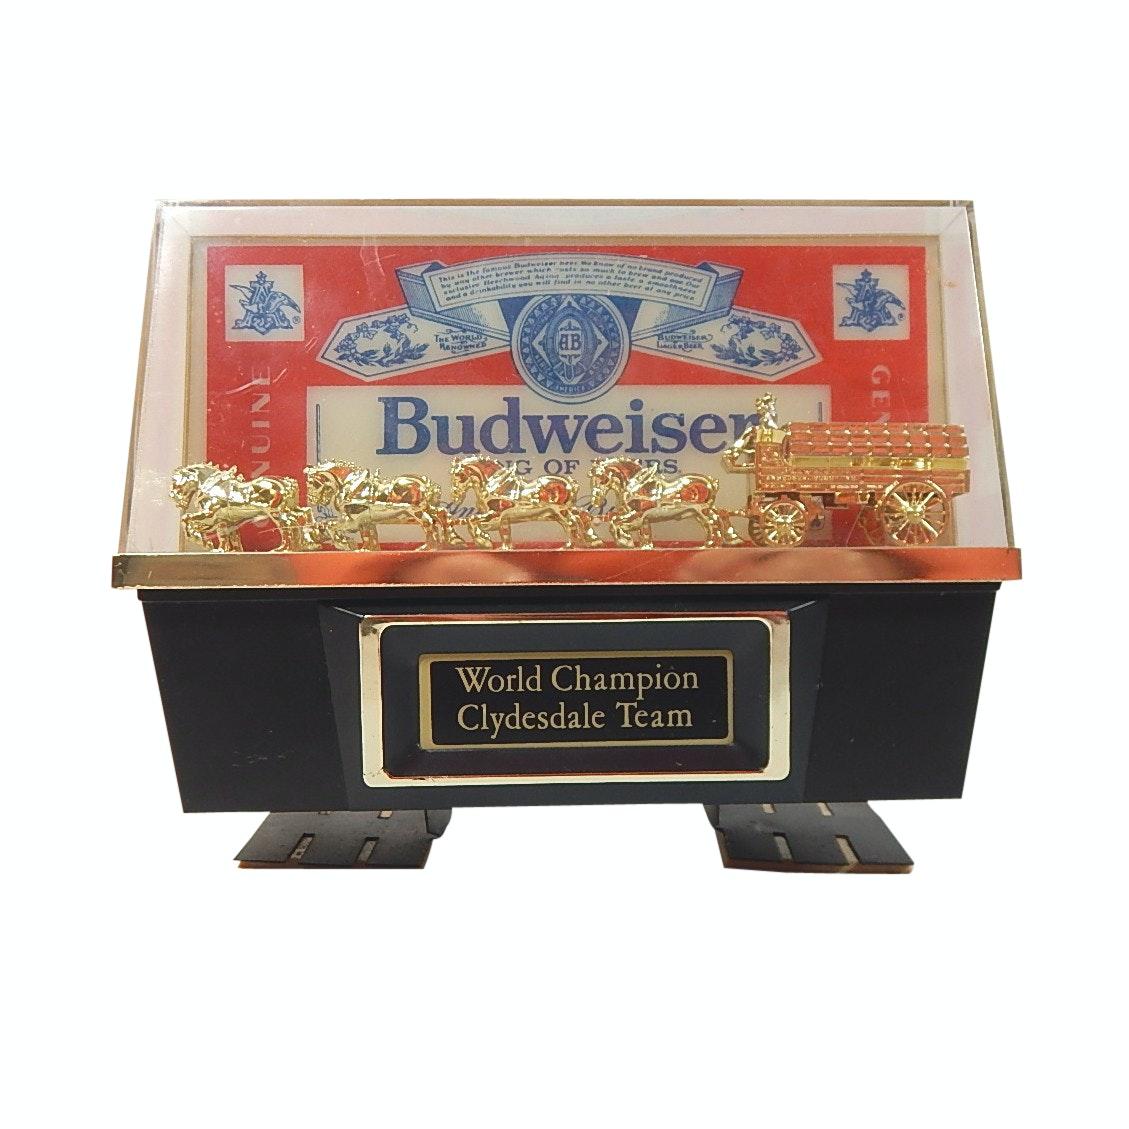 Budweiser World Champion Clydesdale Team Light Up Shelf Sign